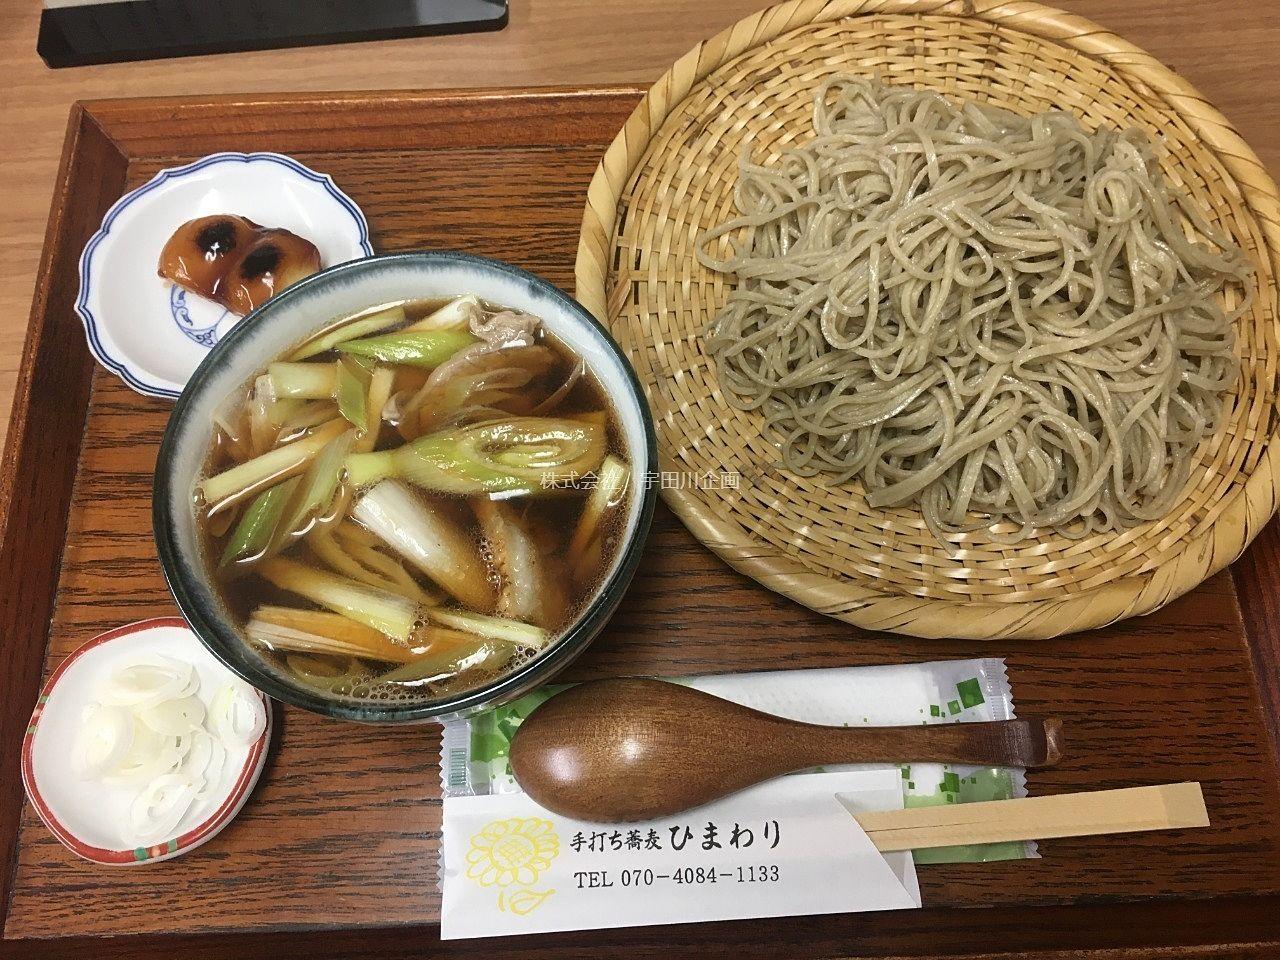 北葛西 手打ち蕎麦「ひまわり」宇田川企画ラーメン部 番外編